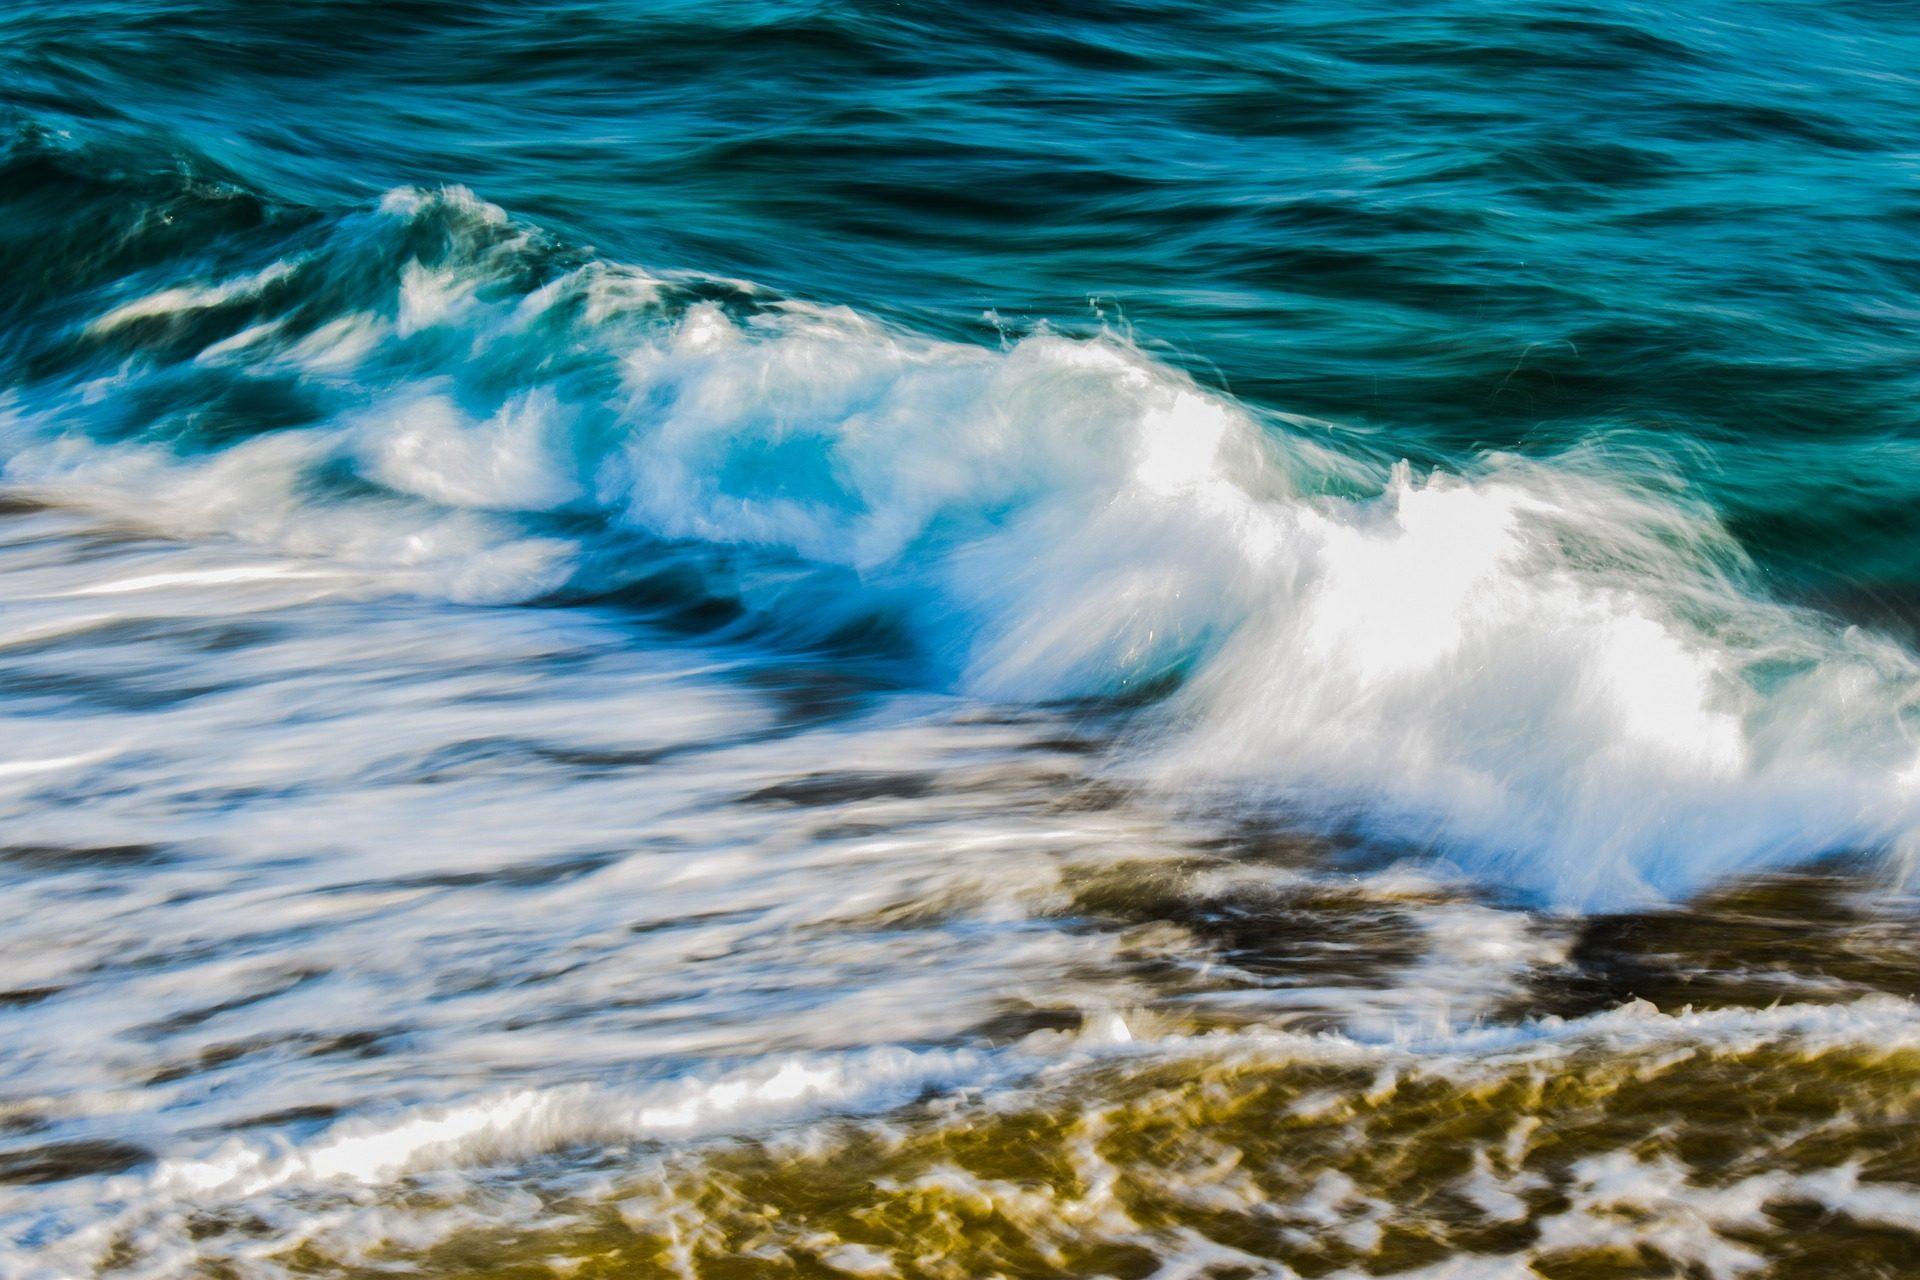 vagues, la marée, Plage, mousse, Mer - Fonds d'écran HD - Professor-falken.com